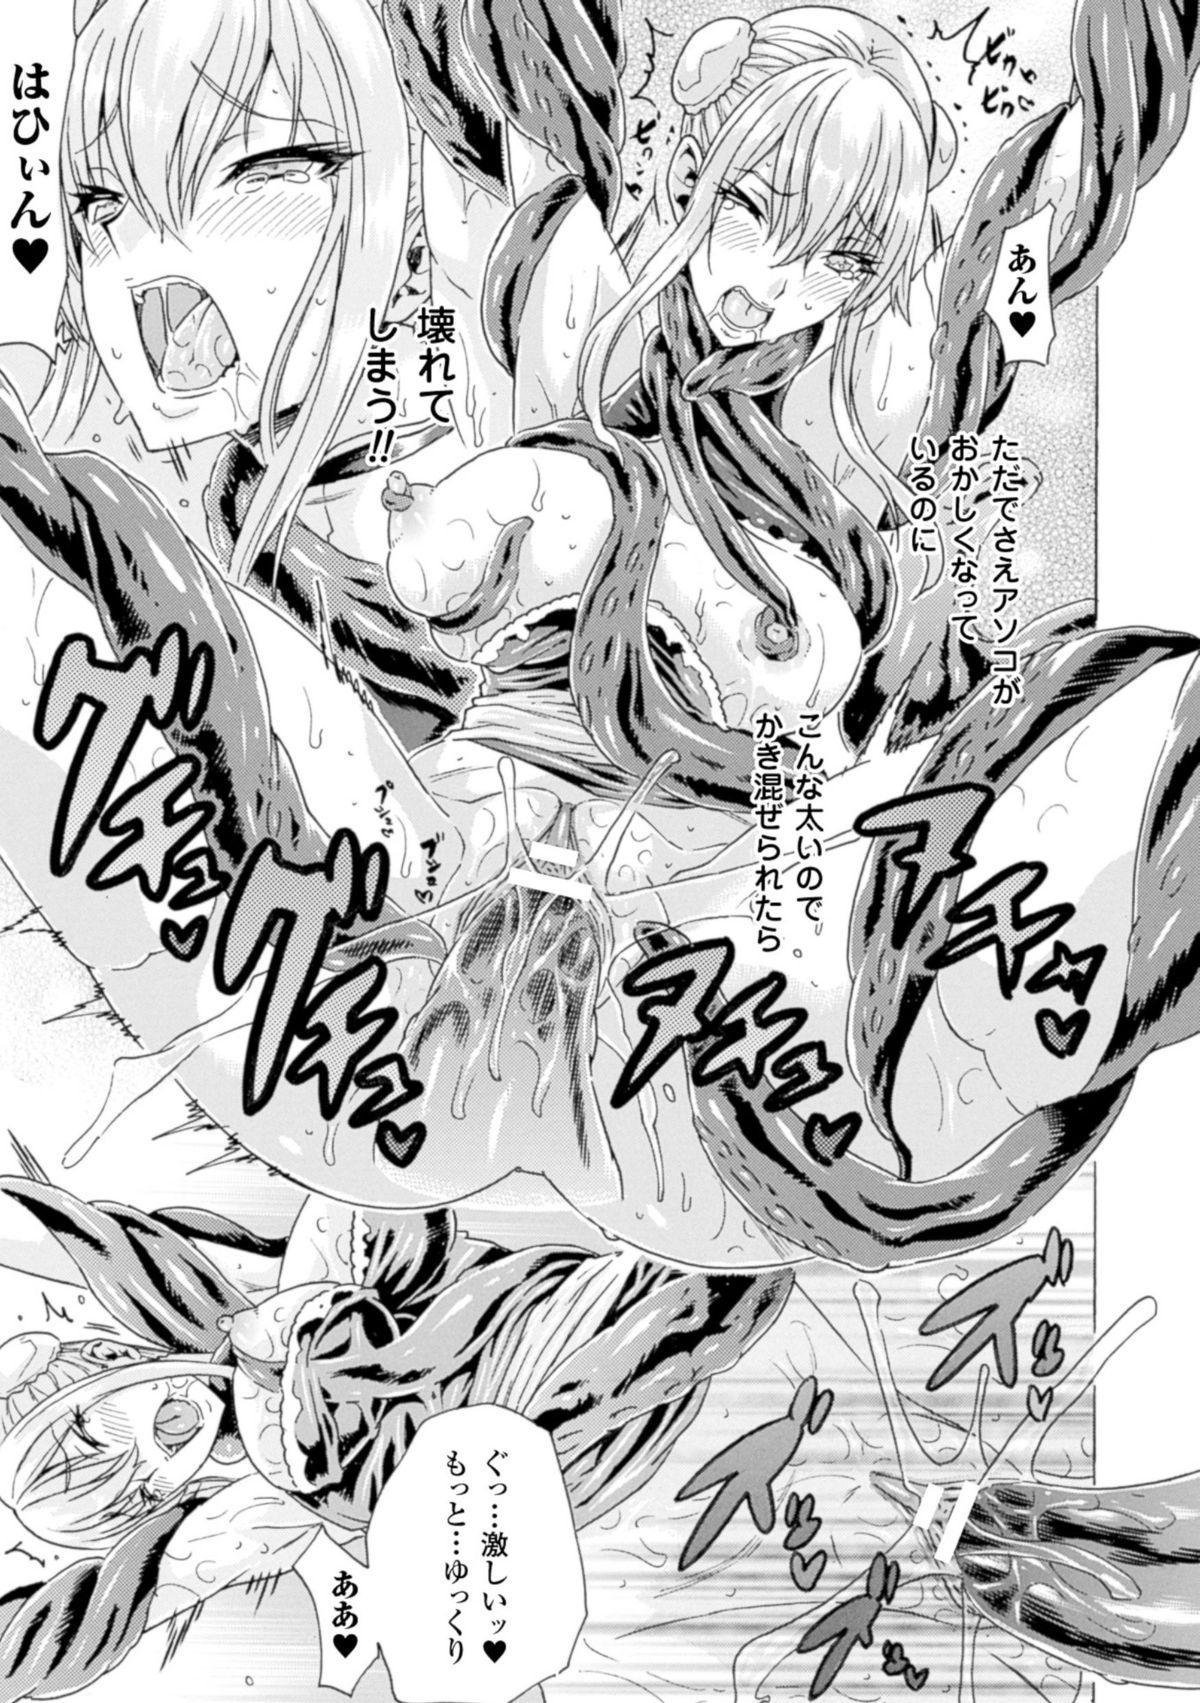 2D Comic Magazine Suisei Seibutsu ni Okasareru Heroine-tachi Vol. 1 16